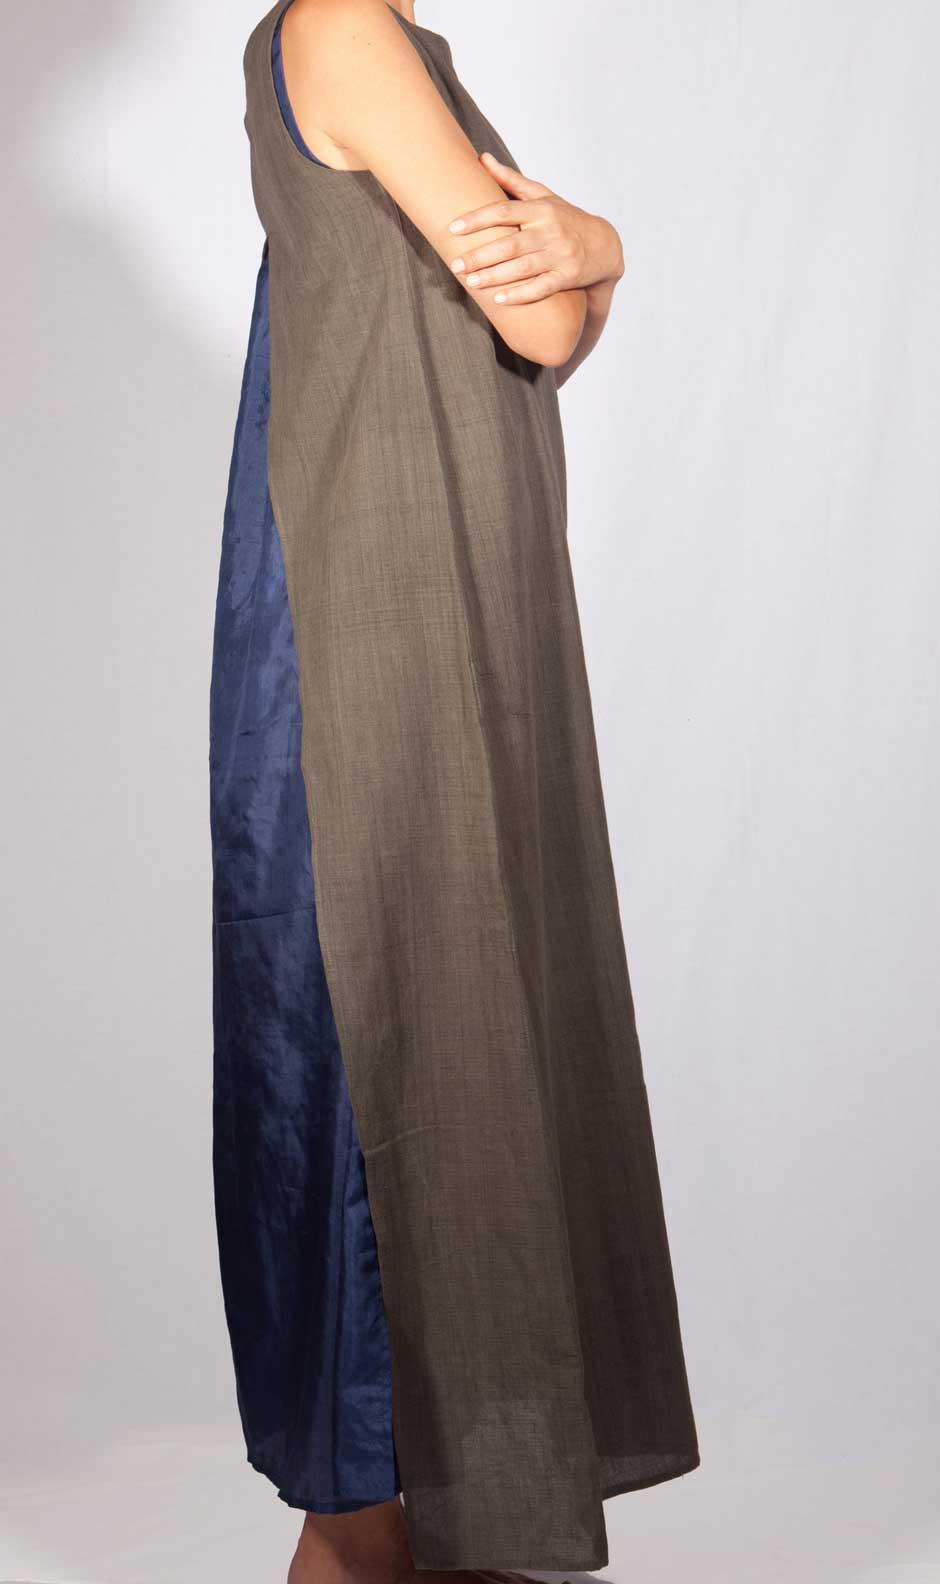 abito-indossato-grigioblu-profilo1.jpg